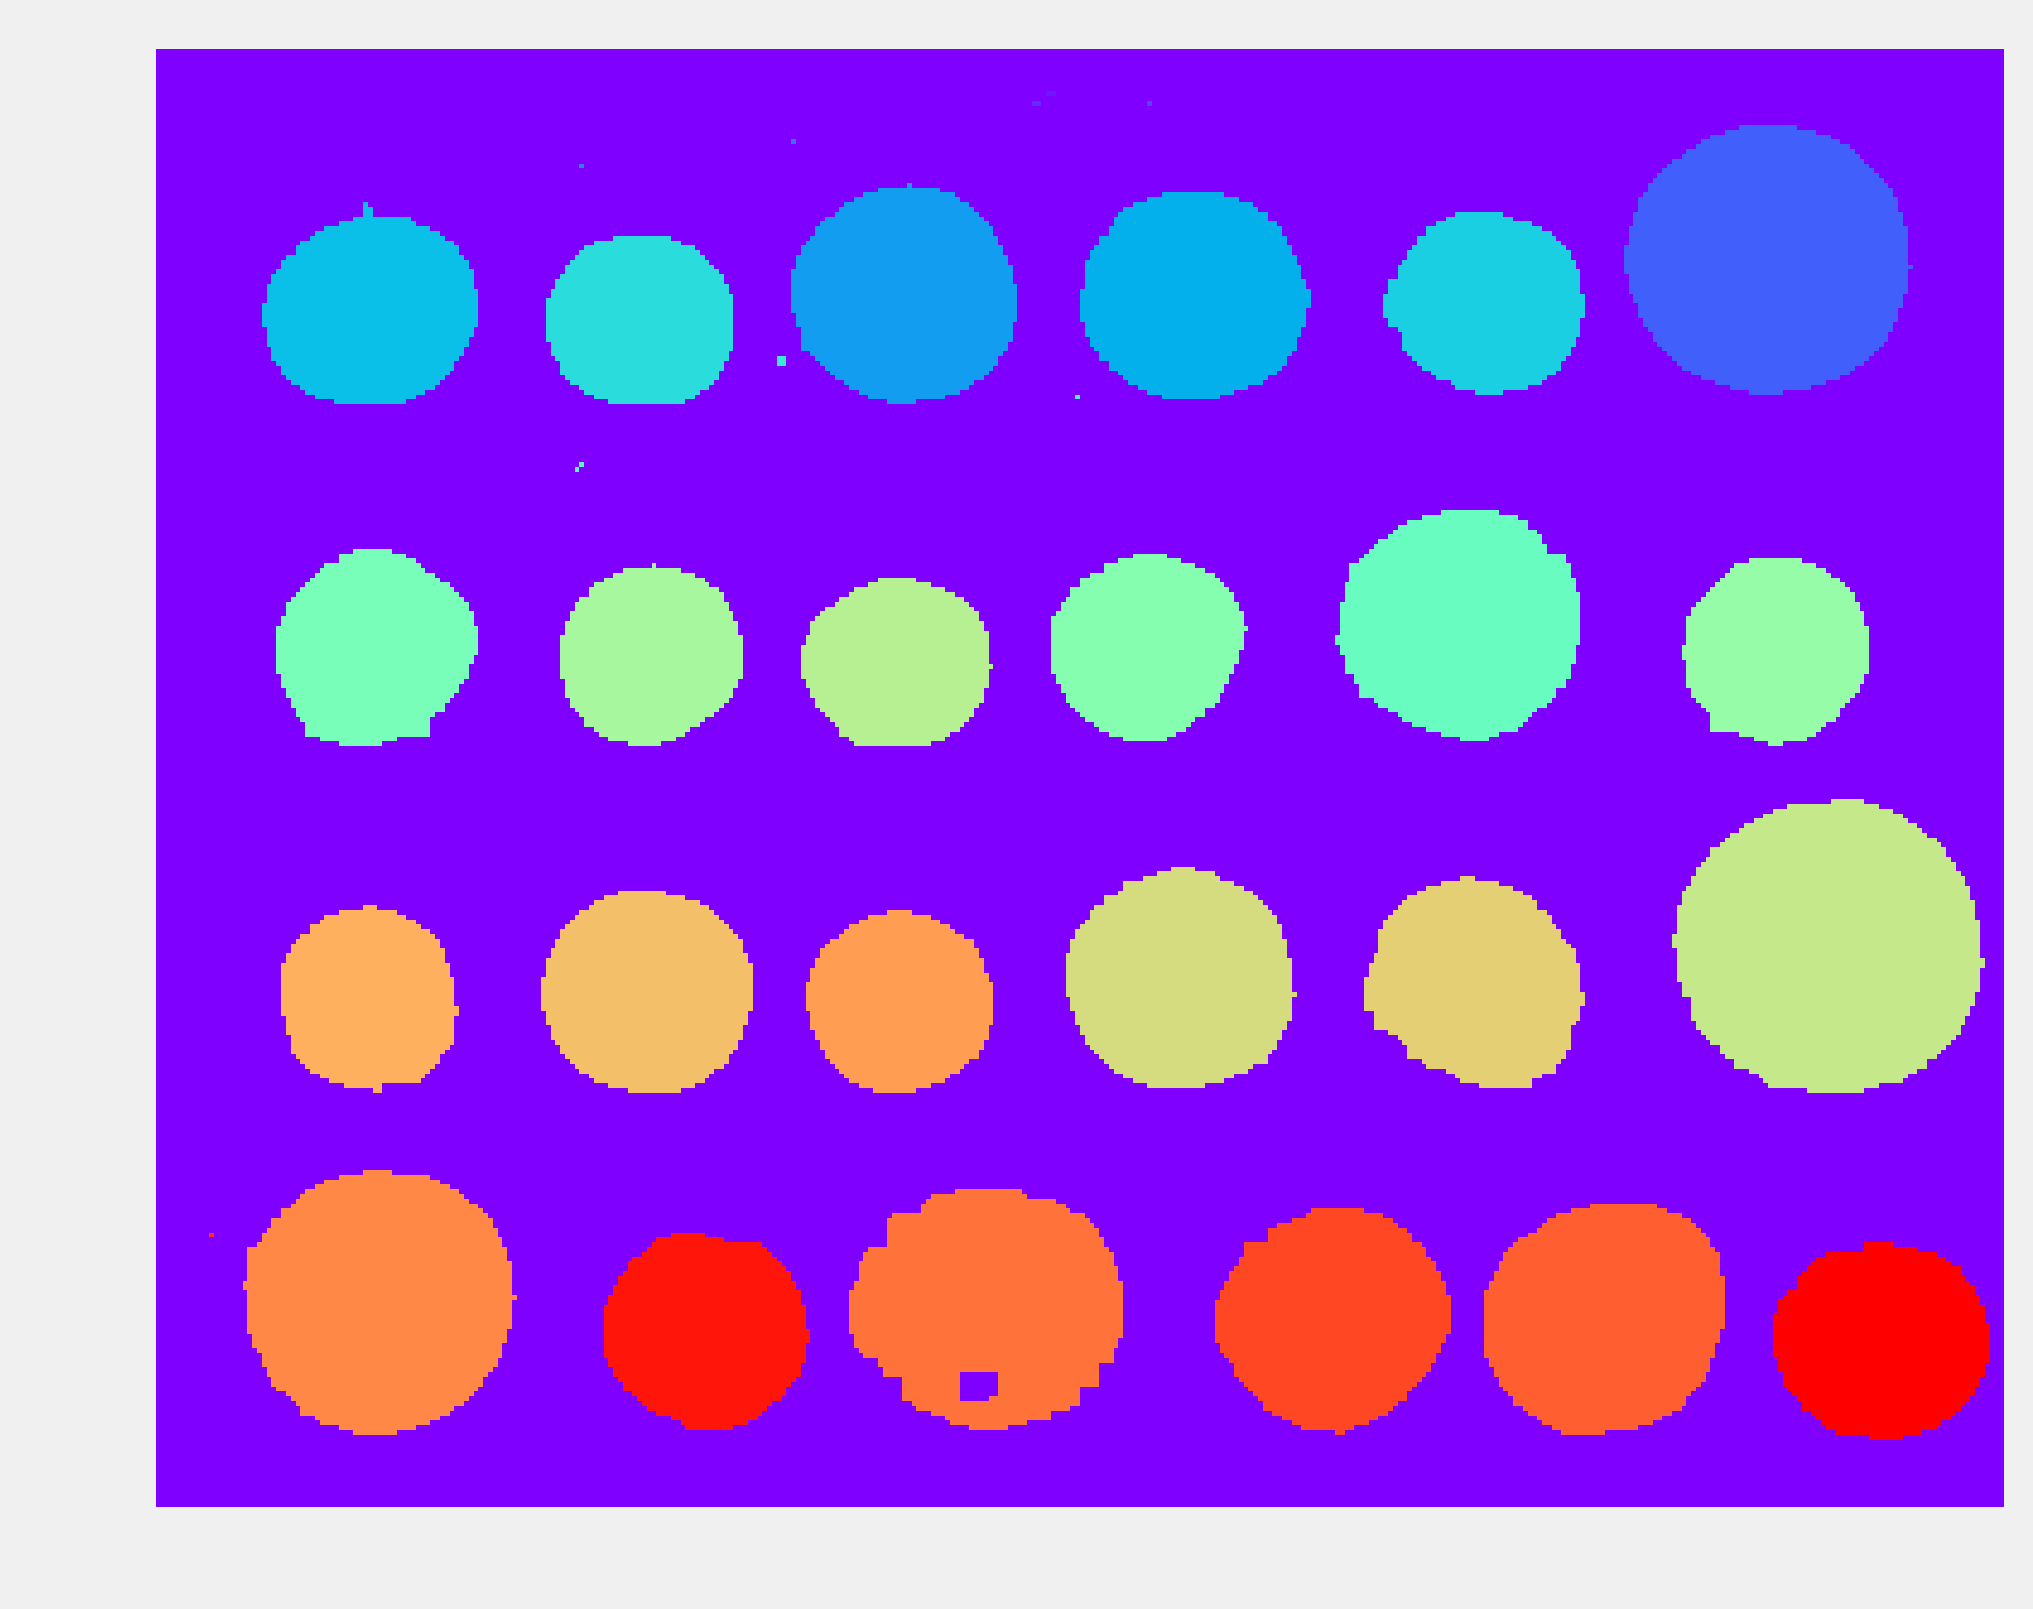 <matplotlib.figure.Figure at 0x7b63358>